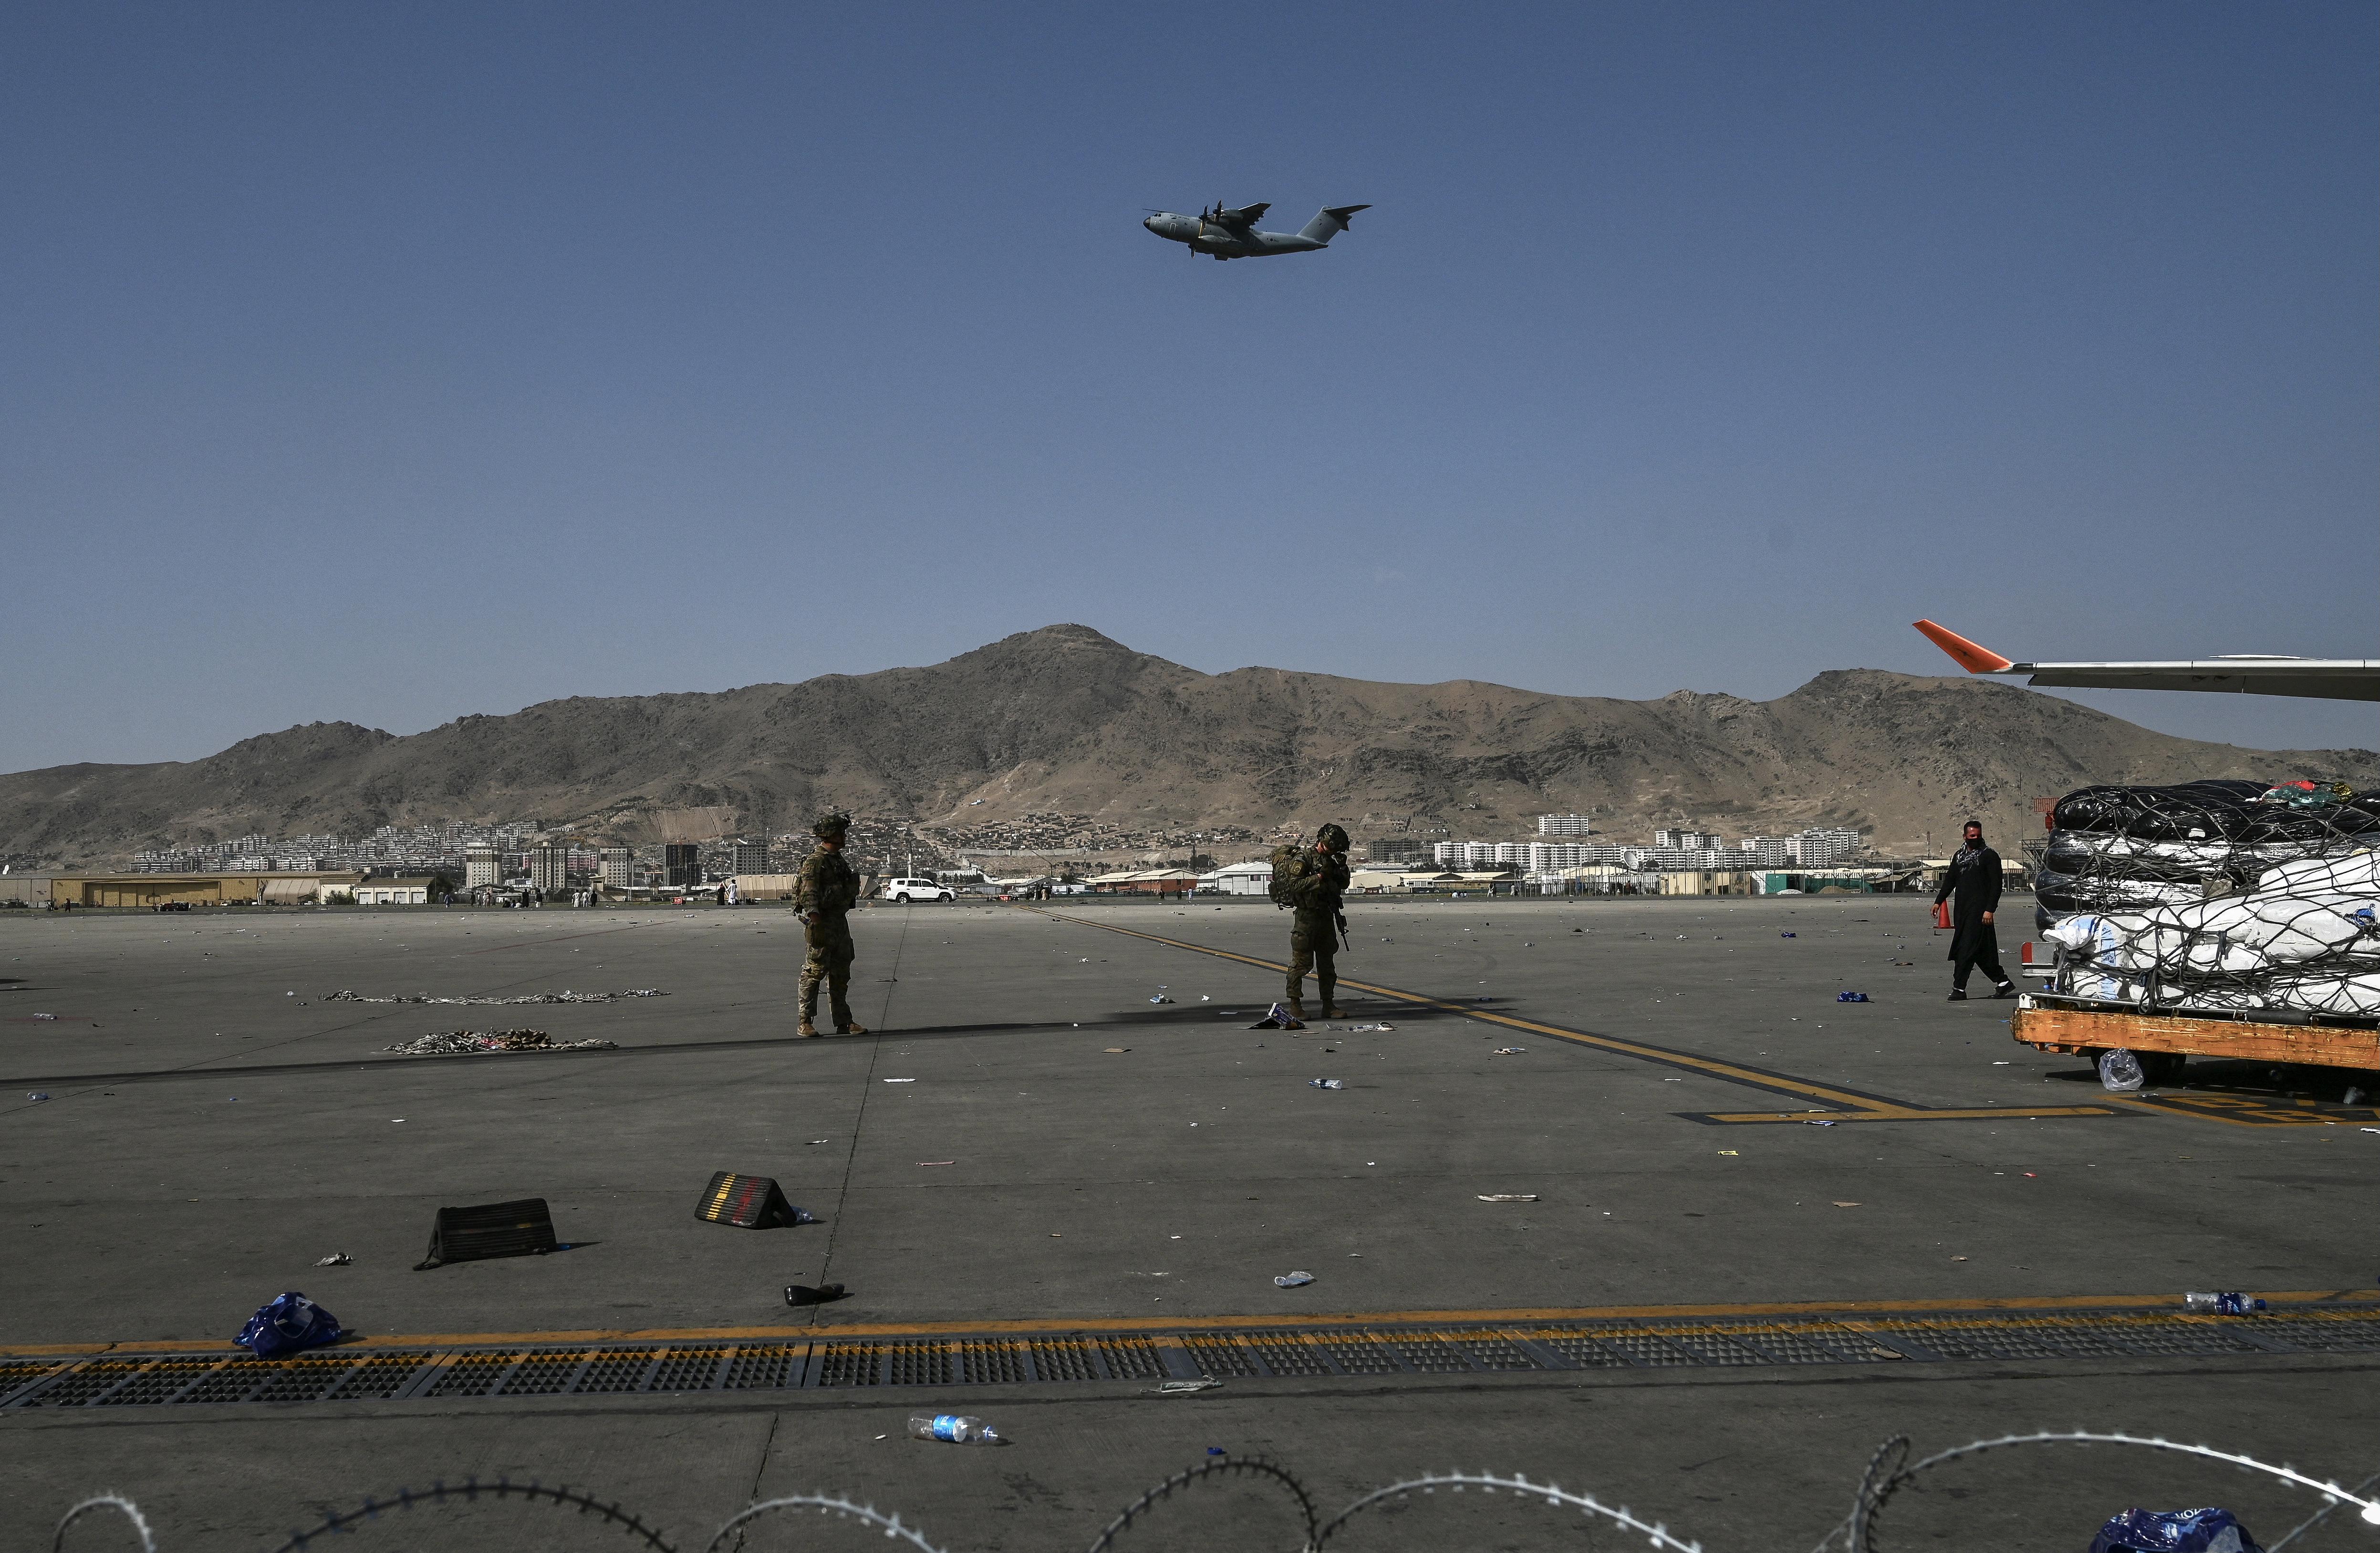 Az USA katonai csapást hajtott végre Kabulban